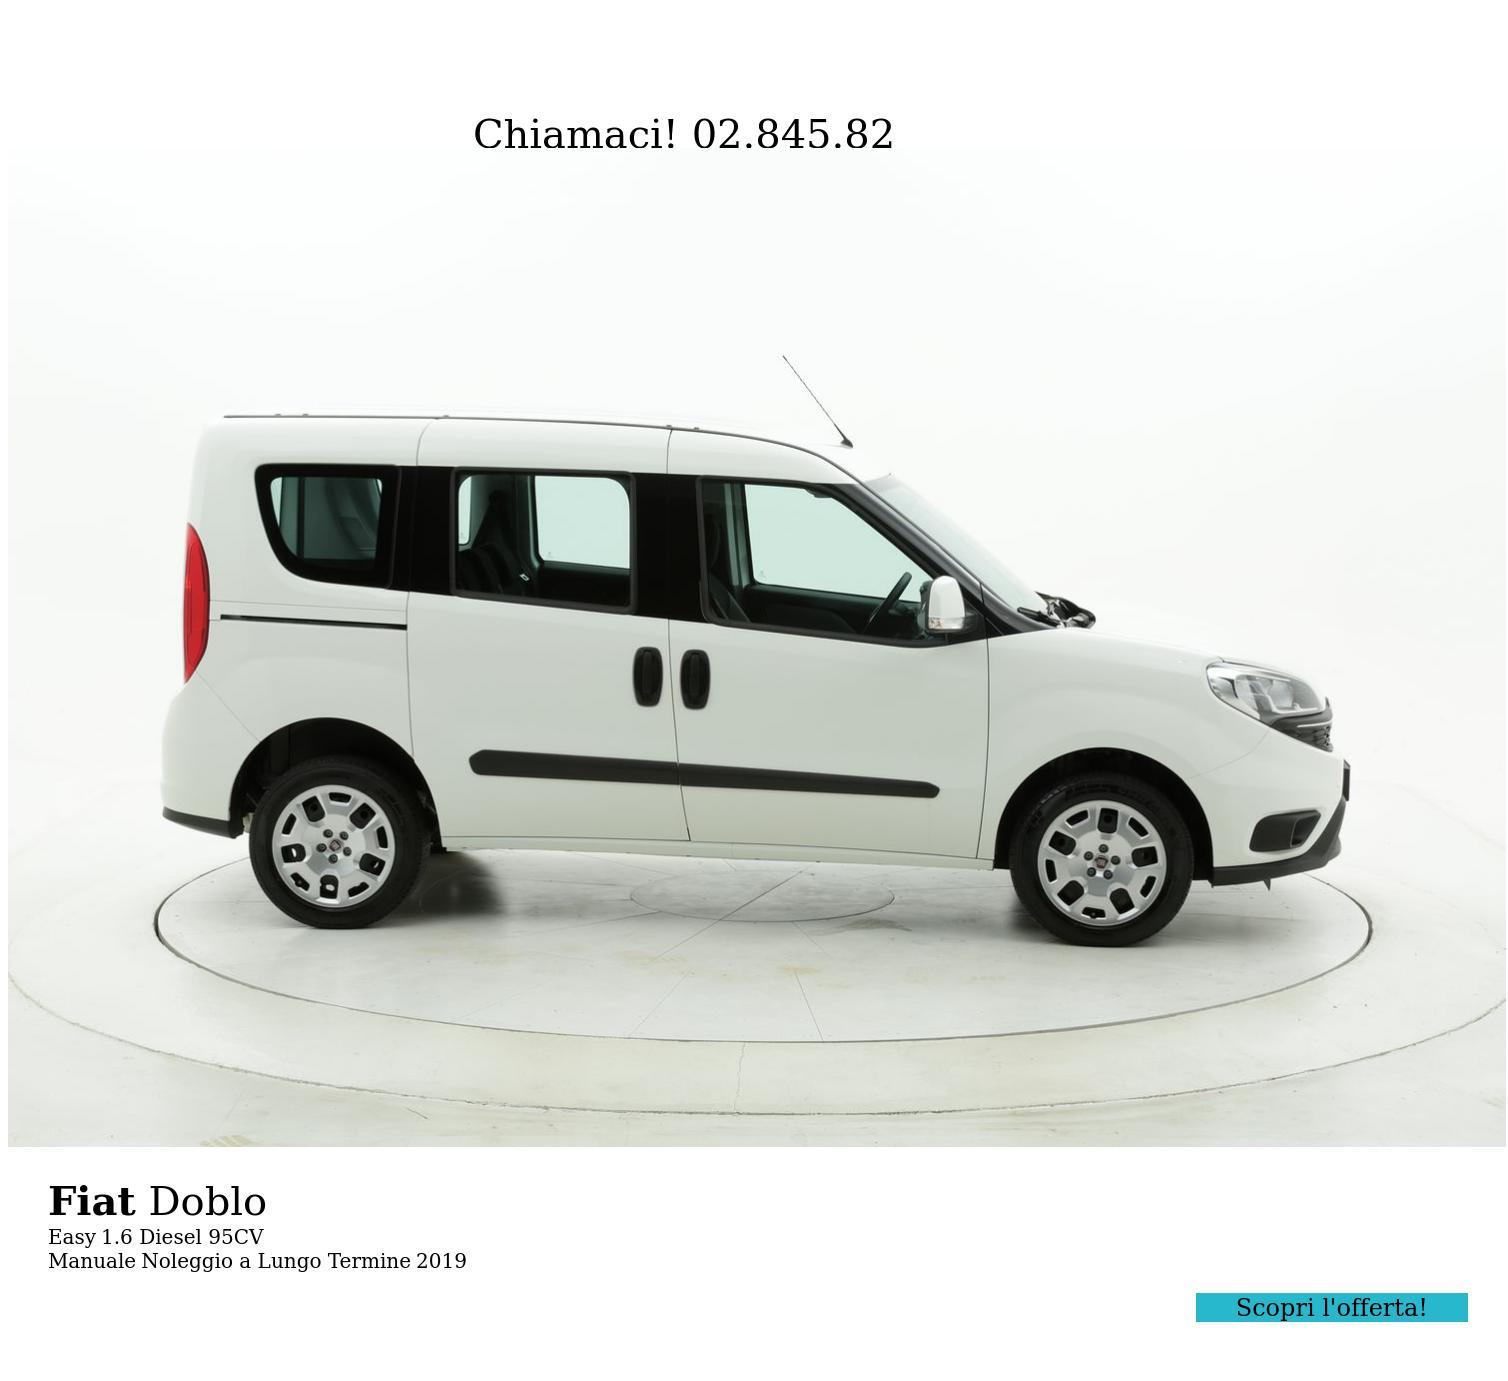 Fiat Doblo diesel bianca a noleggio a lungo termine | brumbrum